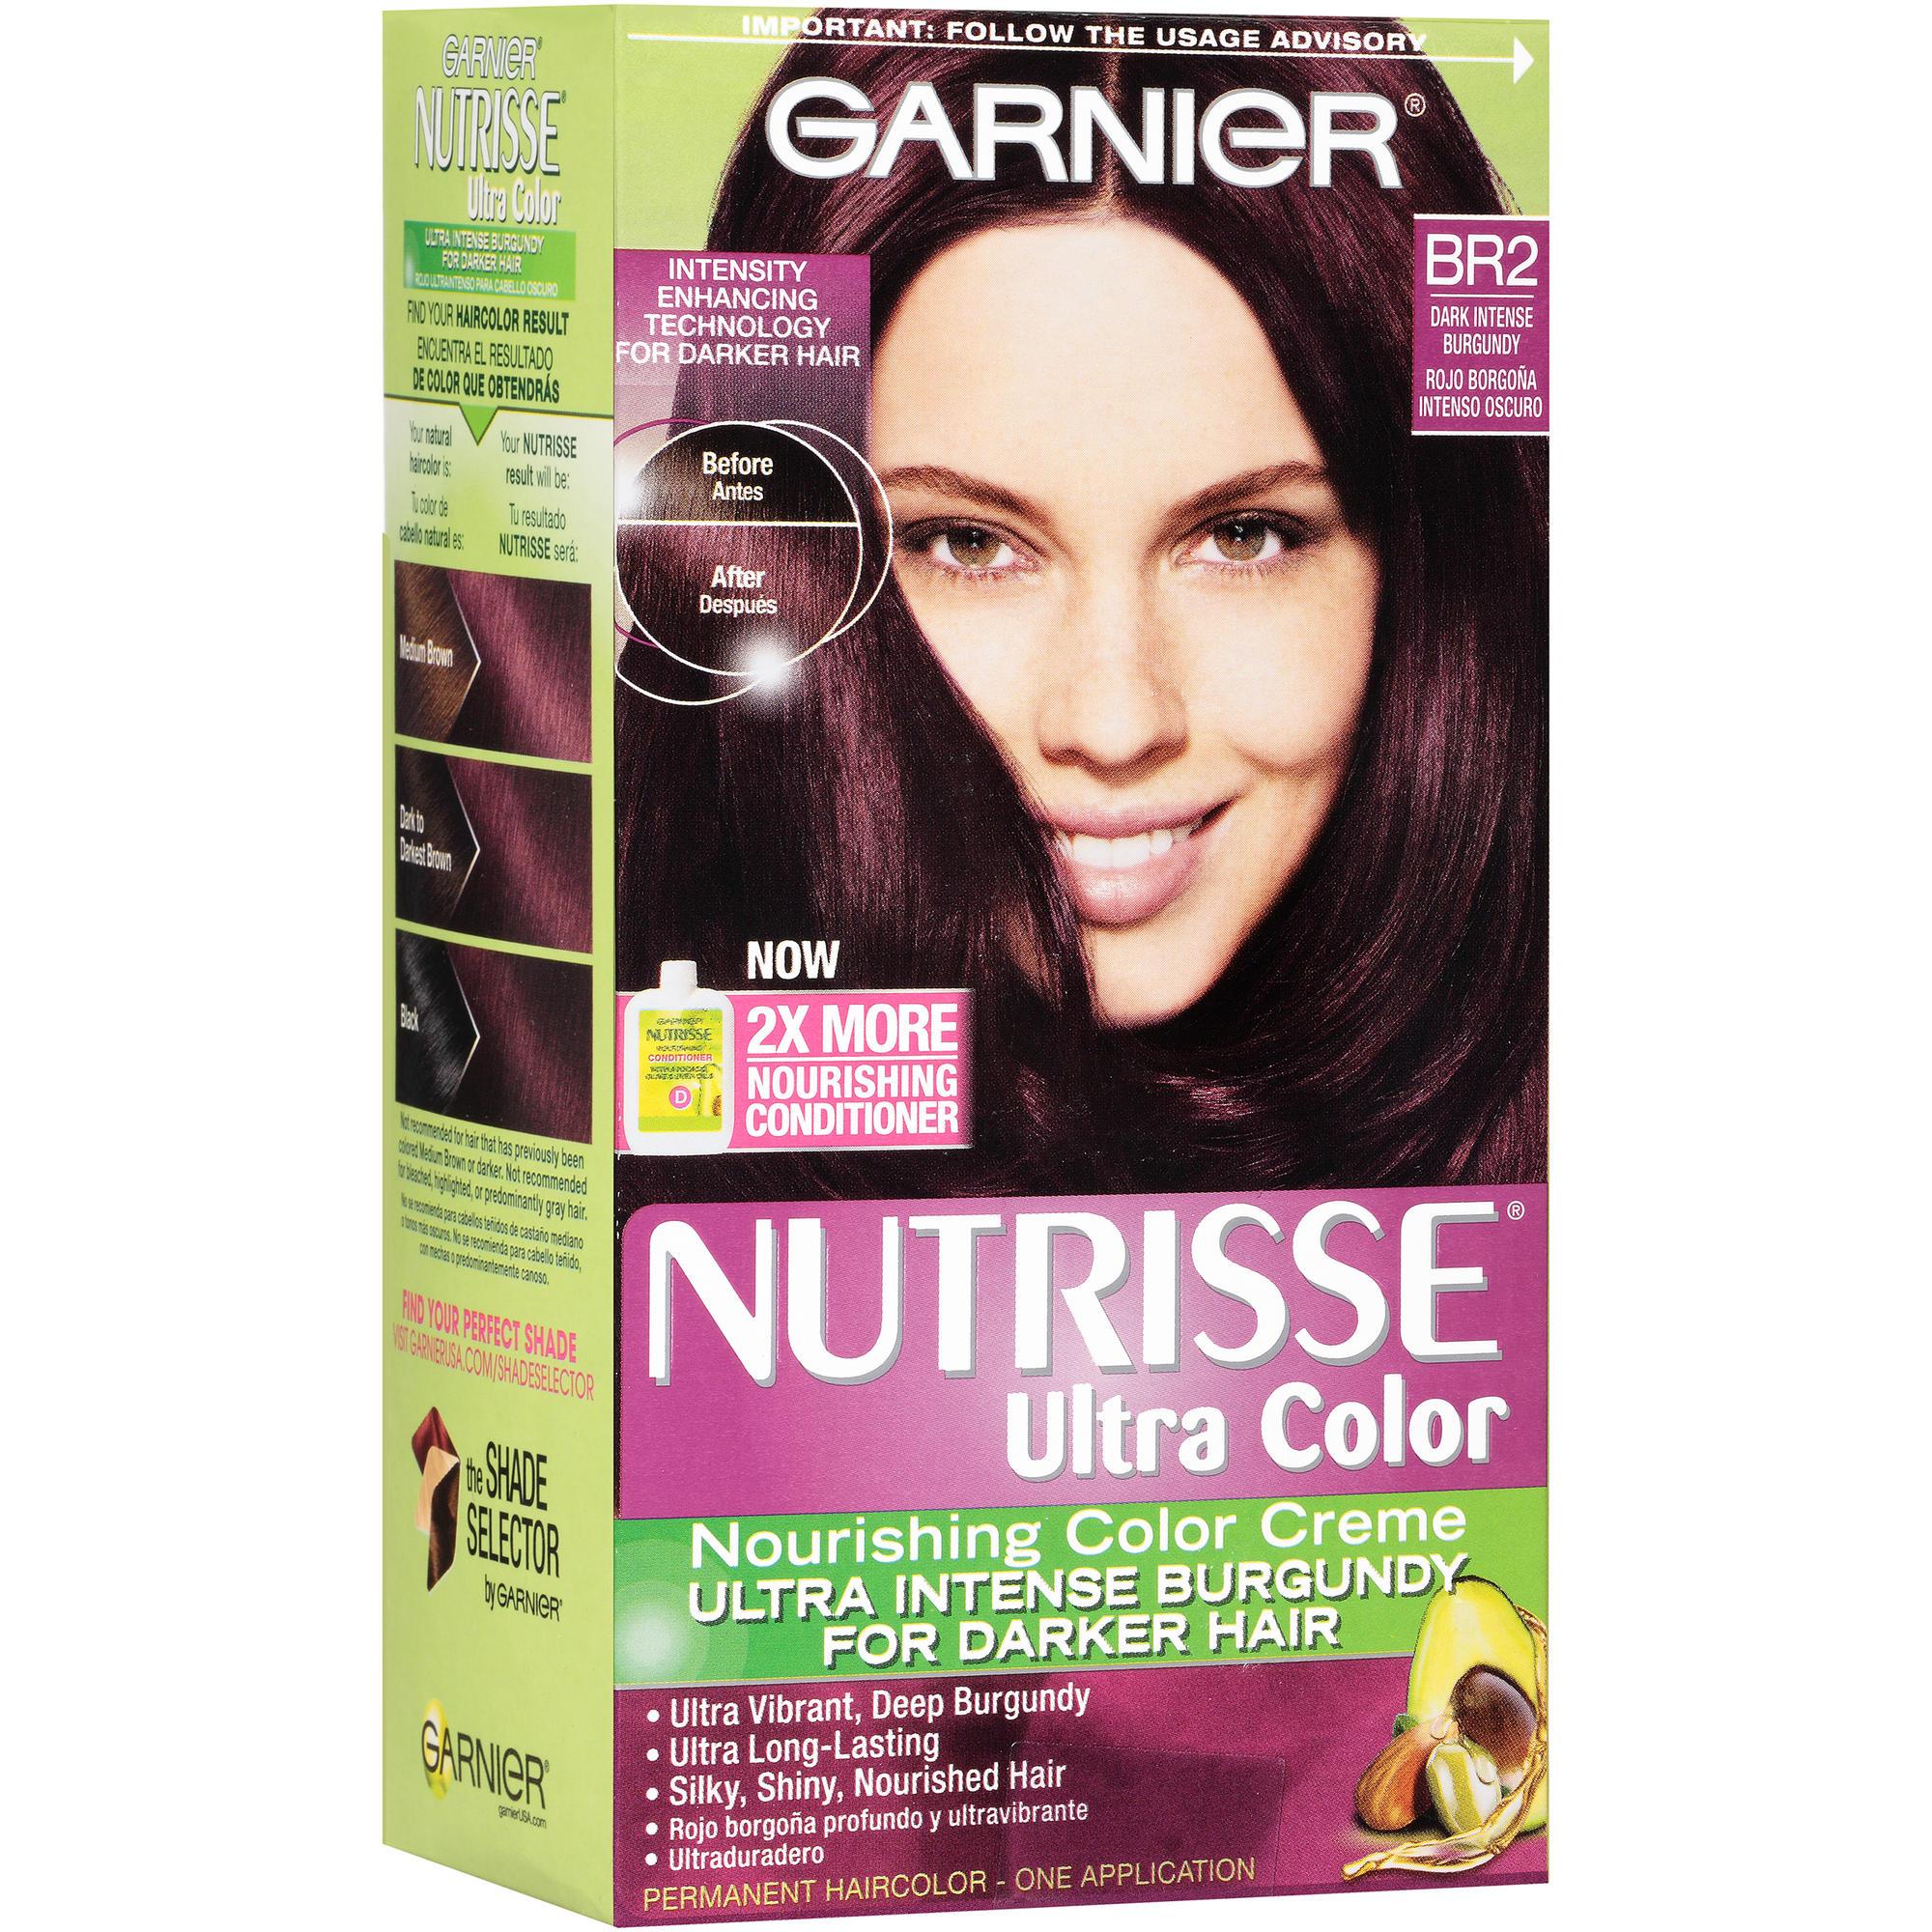 Garnier Nutrisse Ultra Color Nourishing Color Creme With Images